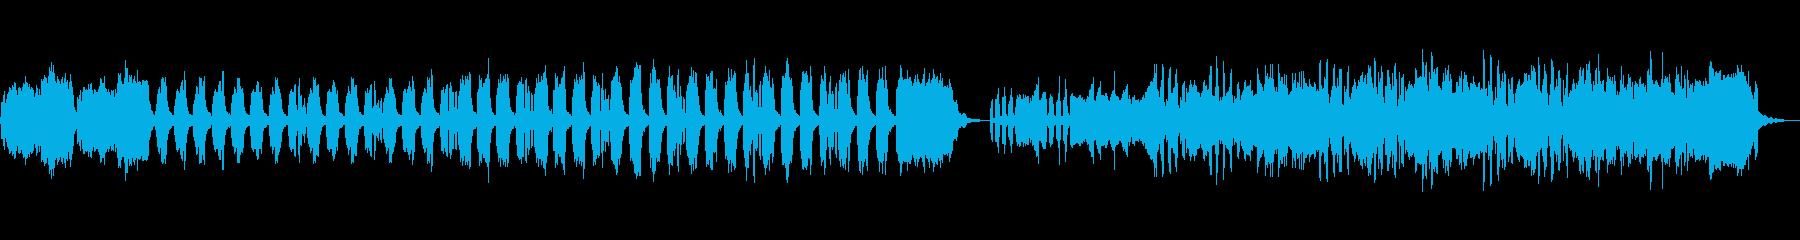 オーバーザトップSCI FIホラー...の再生済みの波形